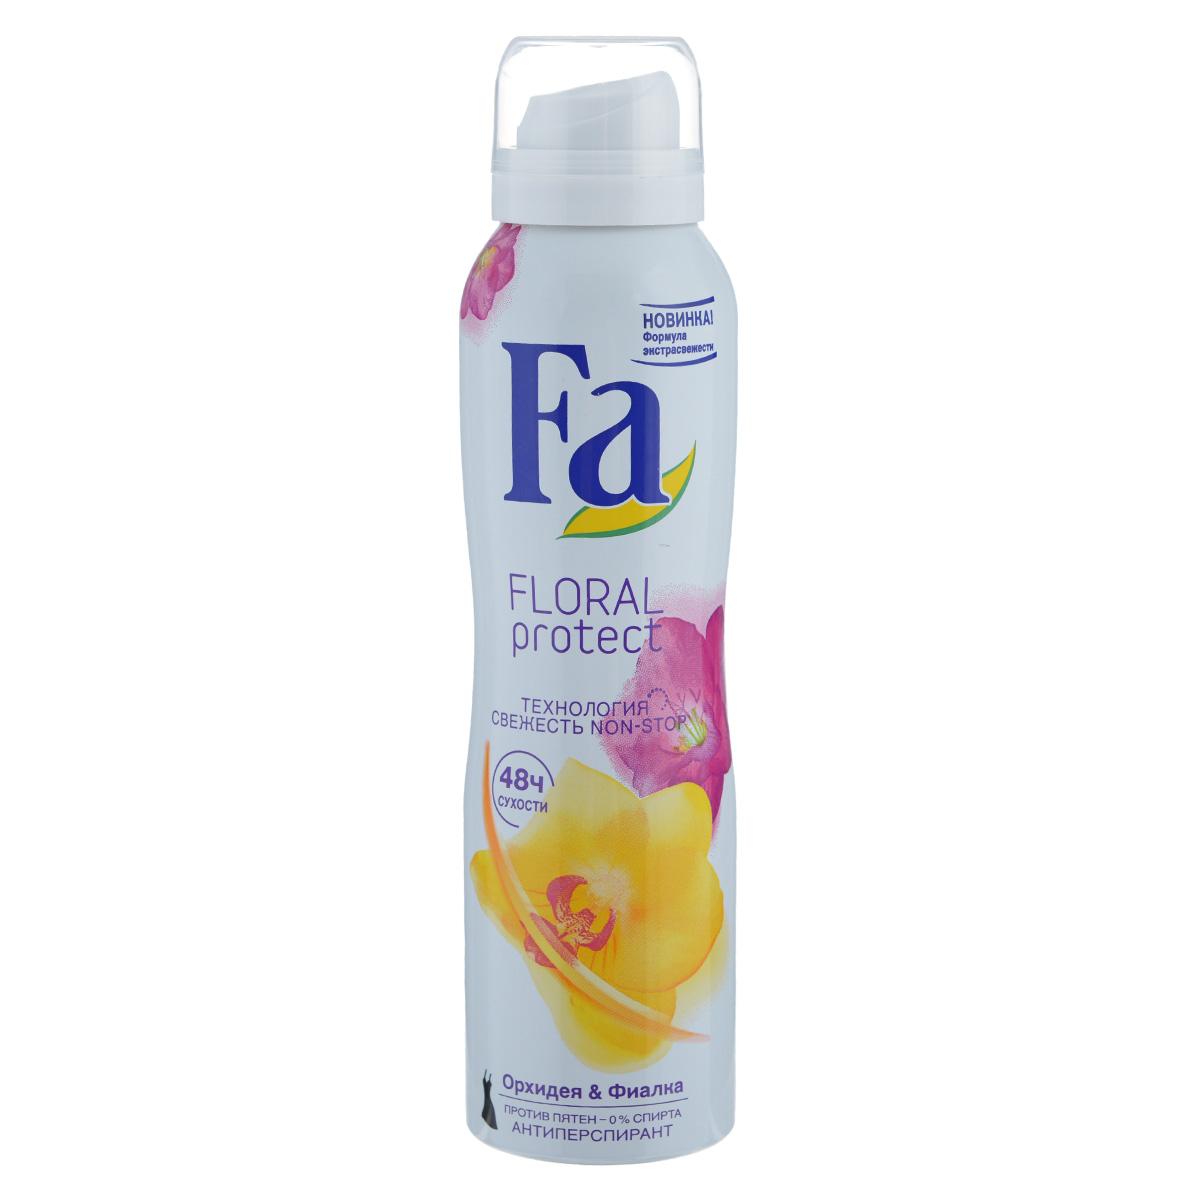 FA Дезодорант-аэрозоль женский Floral Protect Орхидея & Фиалка, 150 млCF5512F4Откройте для себя парфюмерную революцию в дезодорантах!надежная део-защита и раскрытие аромата орхидеи и фиалки на протяжении всего дня. - Эффективная защита против пота и запаха- Ощущение свежести в течение всего дня- Защита против пятен- Хорошая переносимость кожей - Протестировано дерматологами